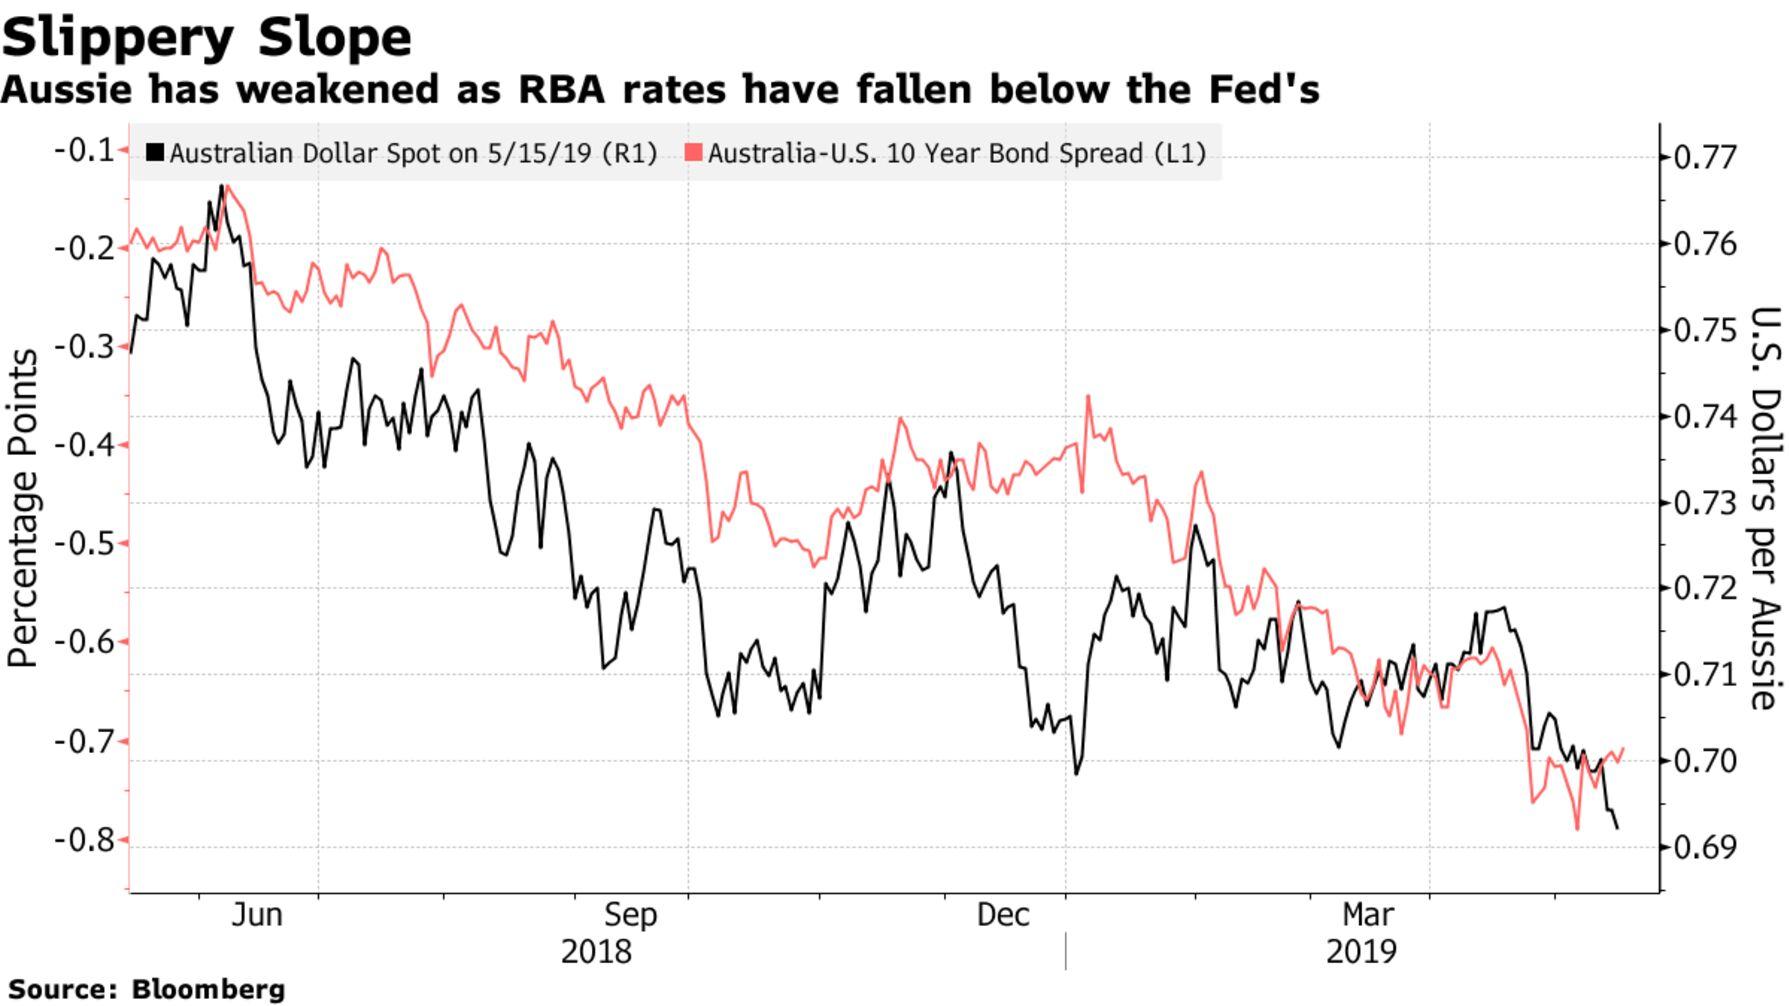 Aussie has weakened as RBA rates have fallen below the Fed's